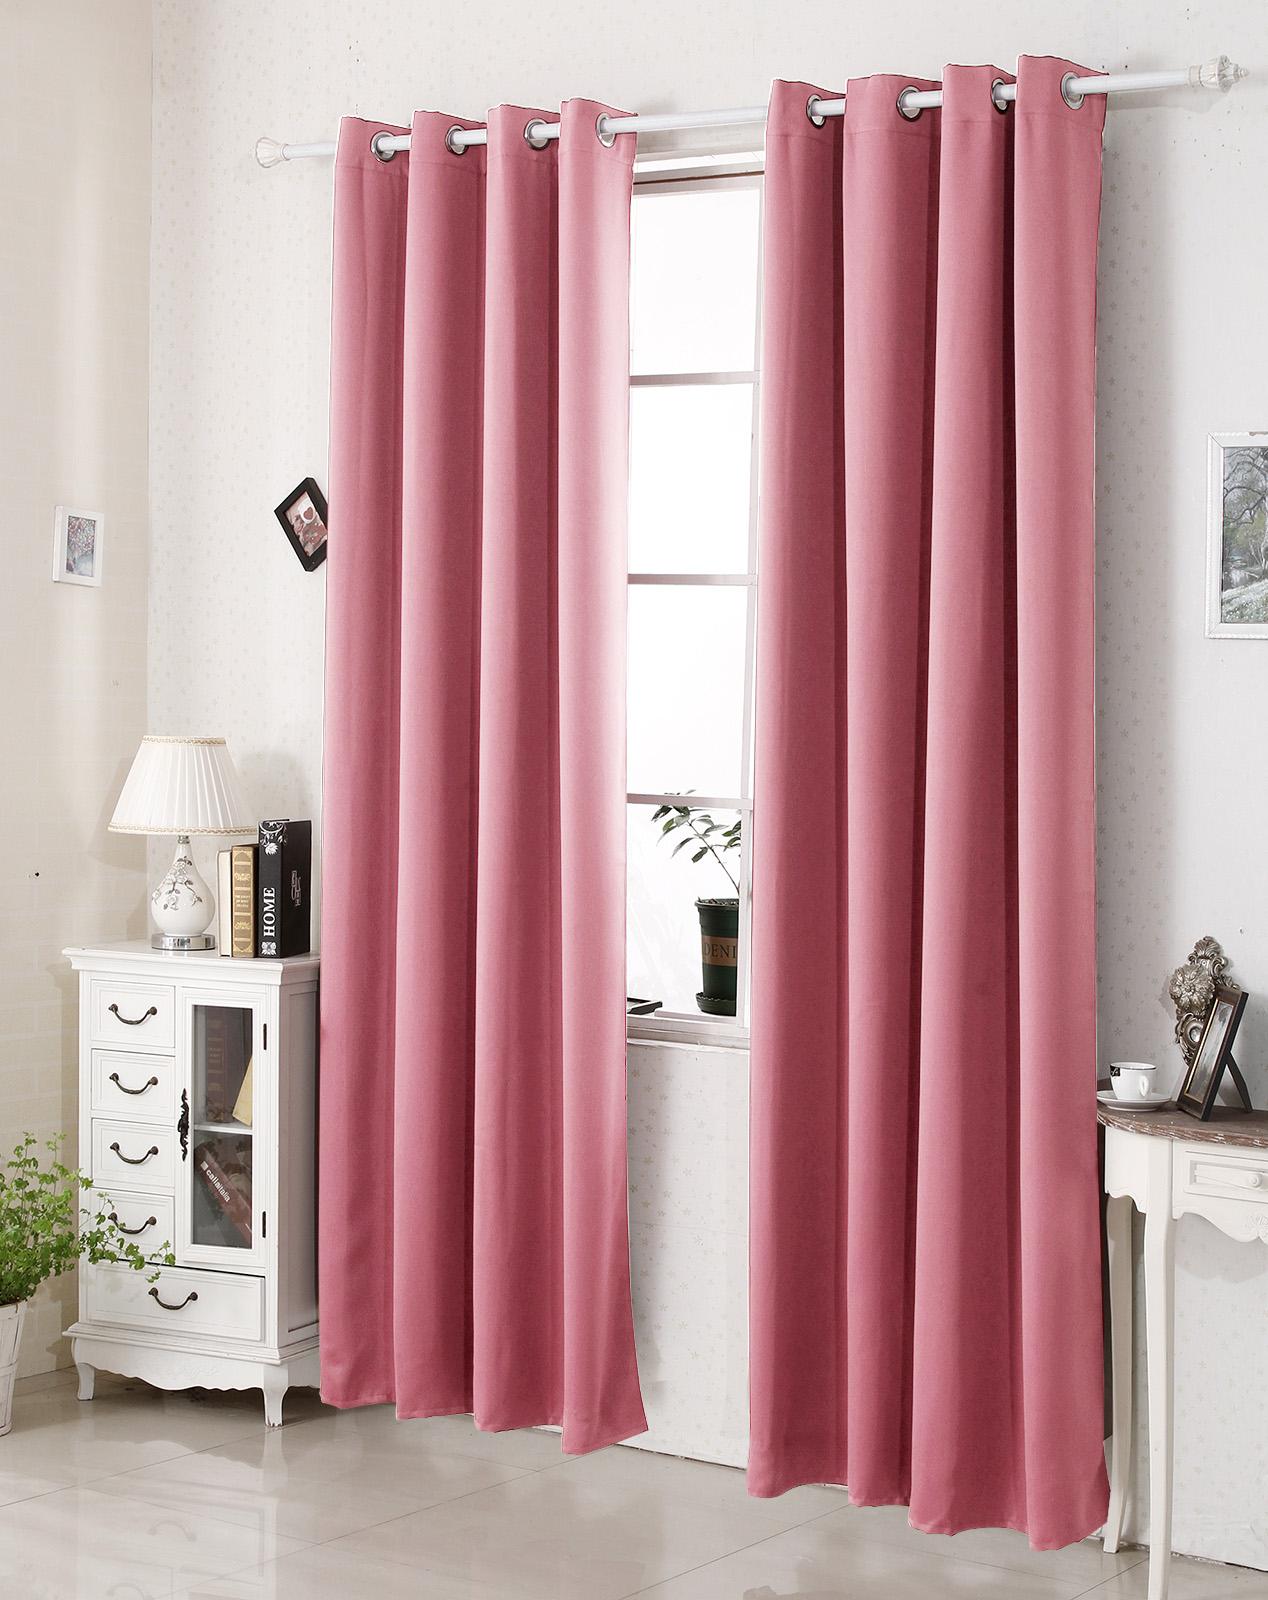 gardine vorhang blickdicht verdunkelungsgardine thermogardine thermo sen 329 ebay. Black Bedroom Furniture Sets. Home Design Ideas